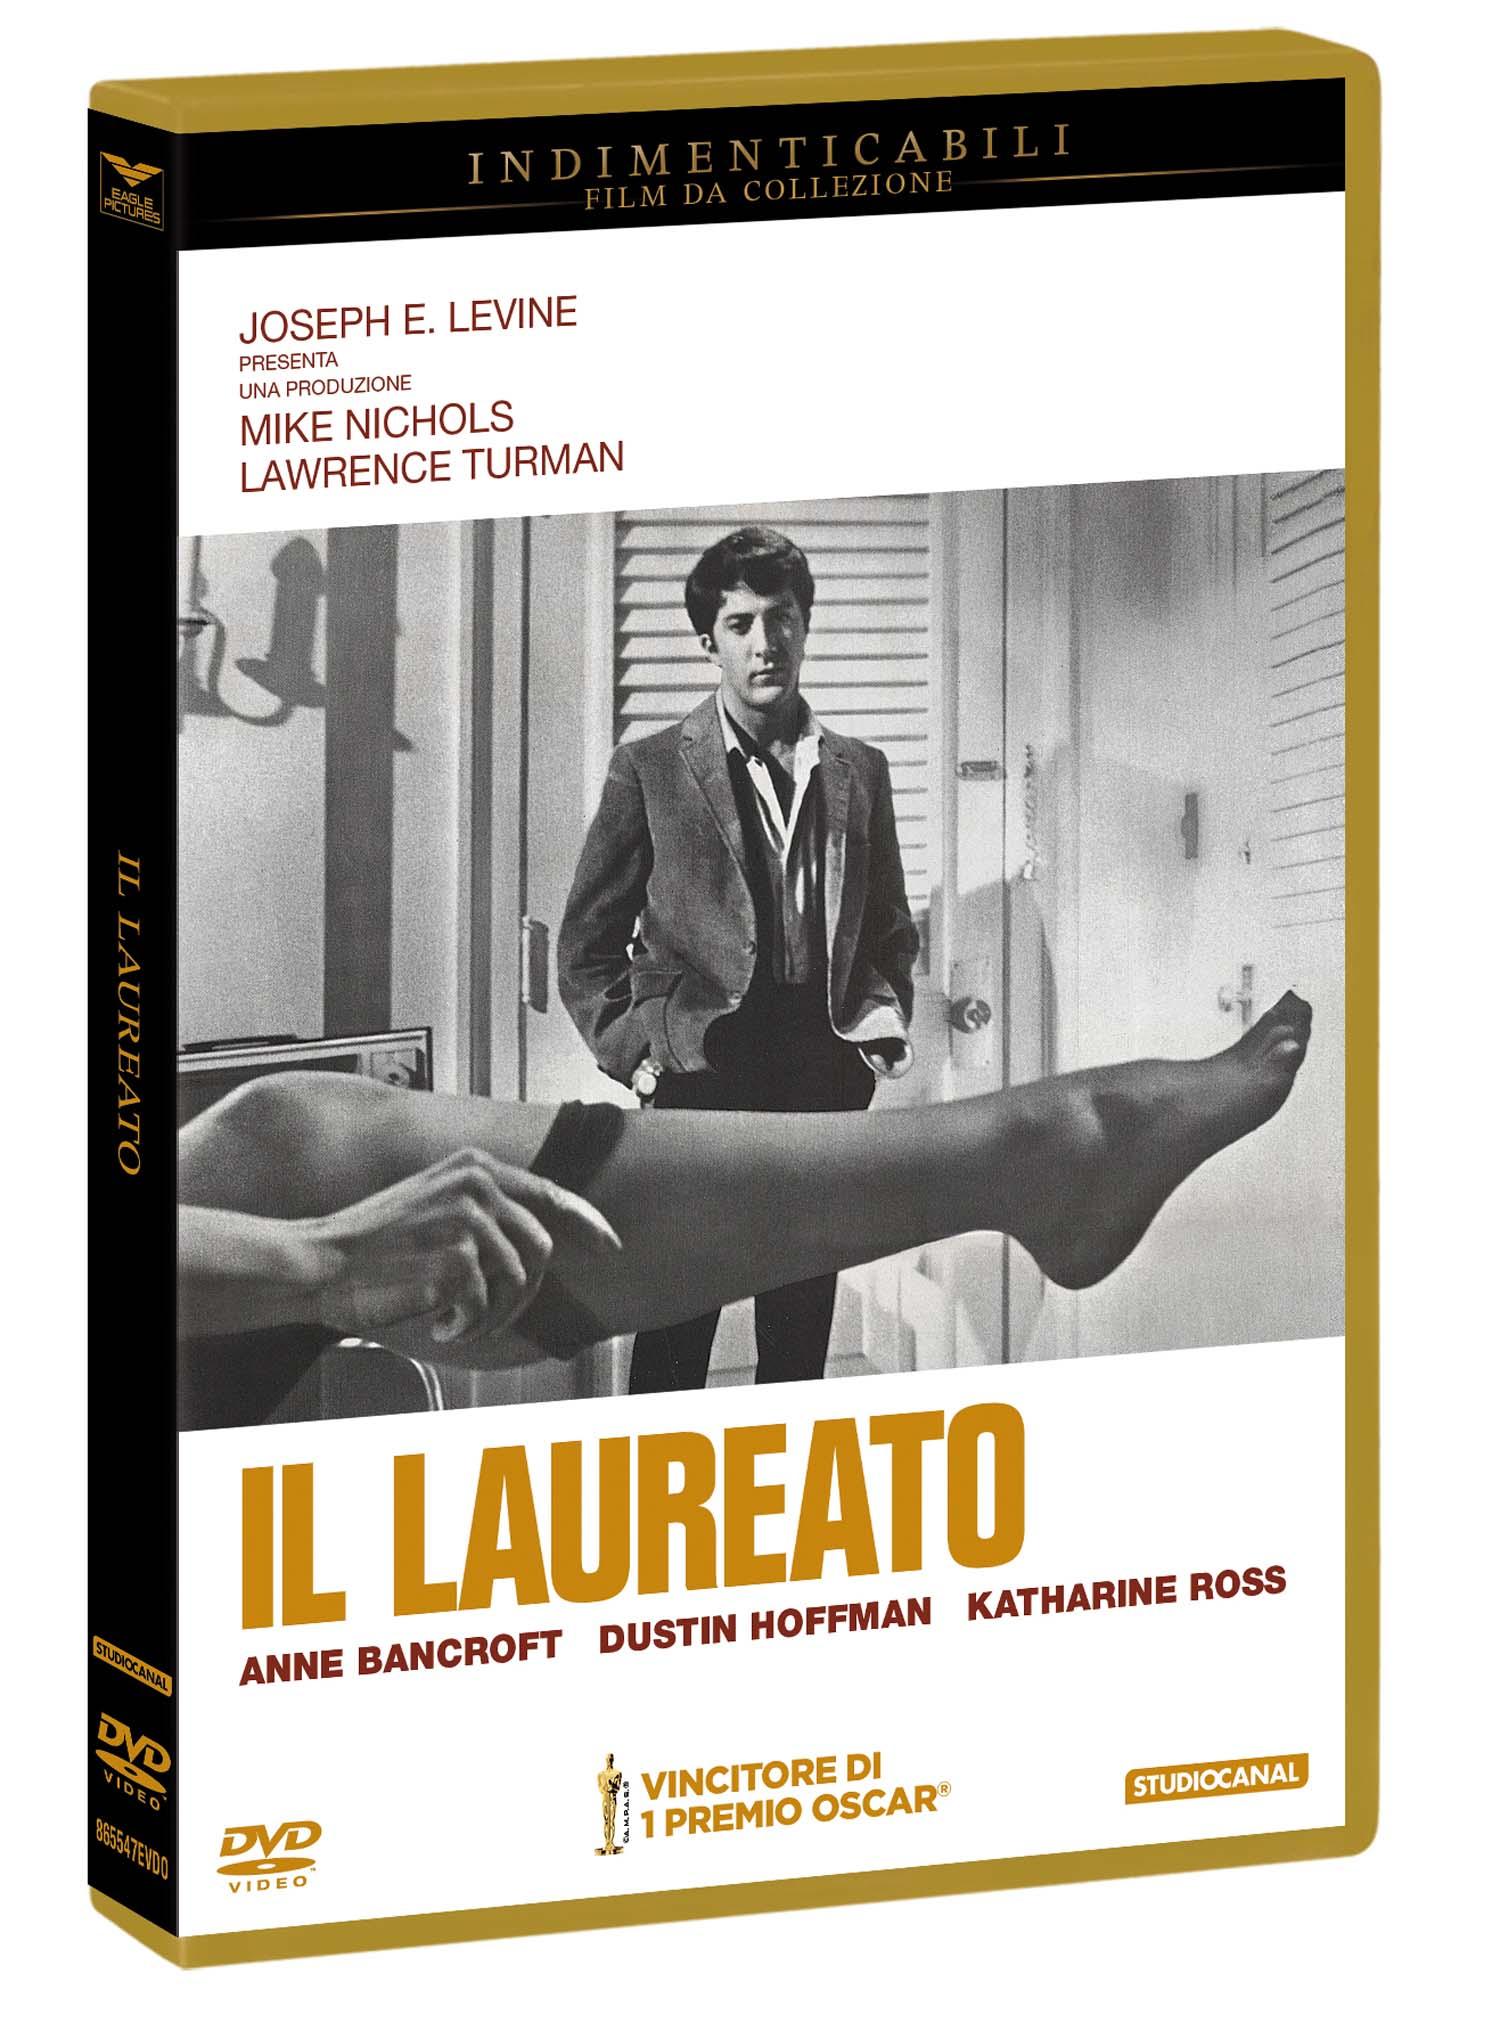 IL LAUREATO (INDIMENTICABILI) (DVD)